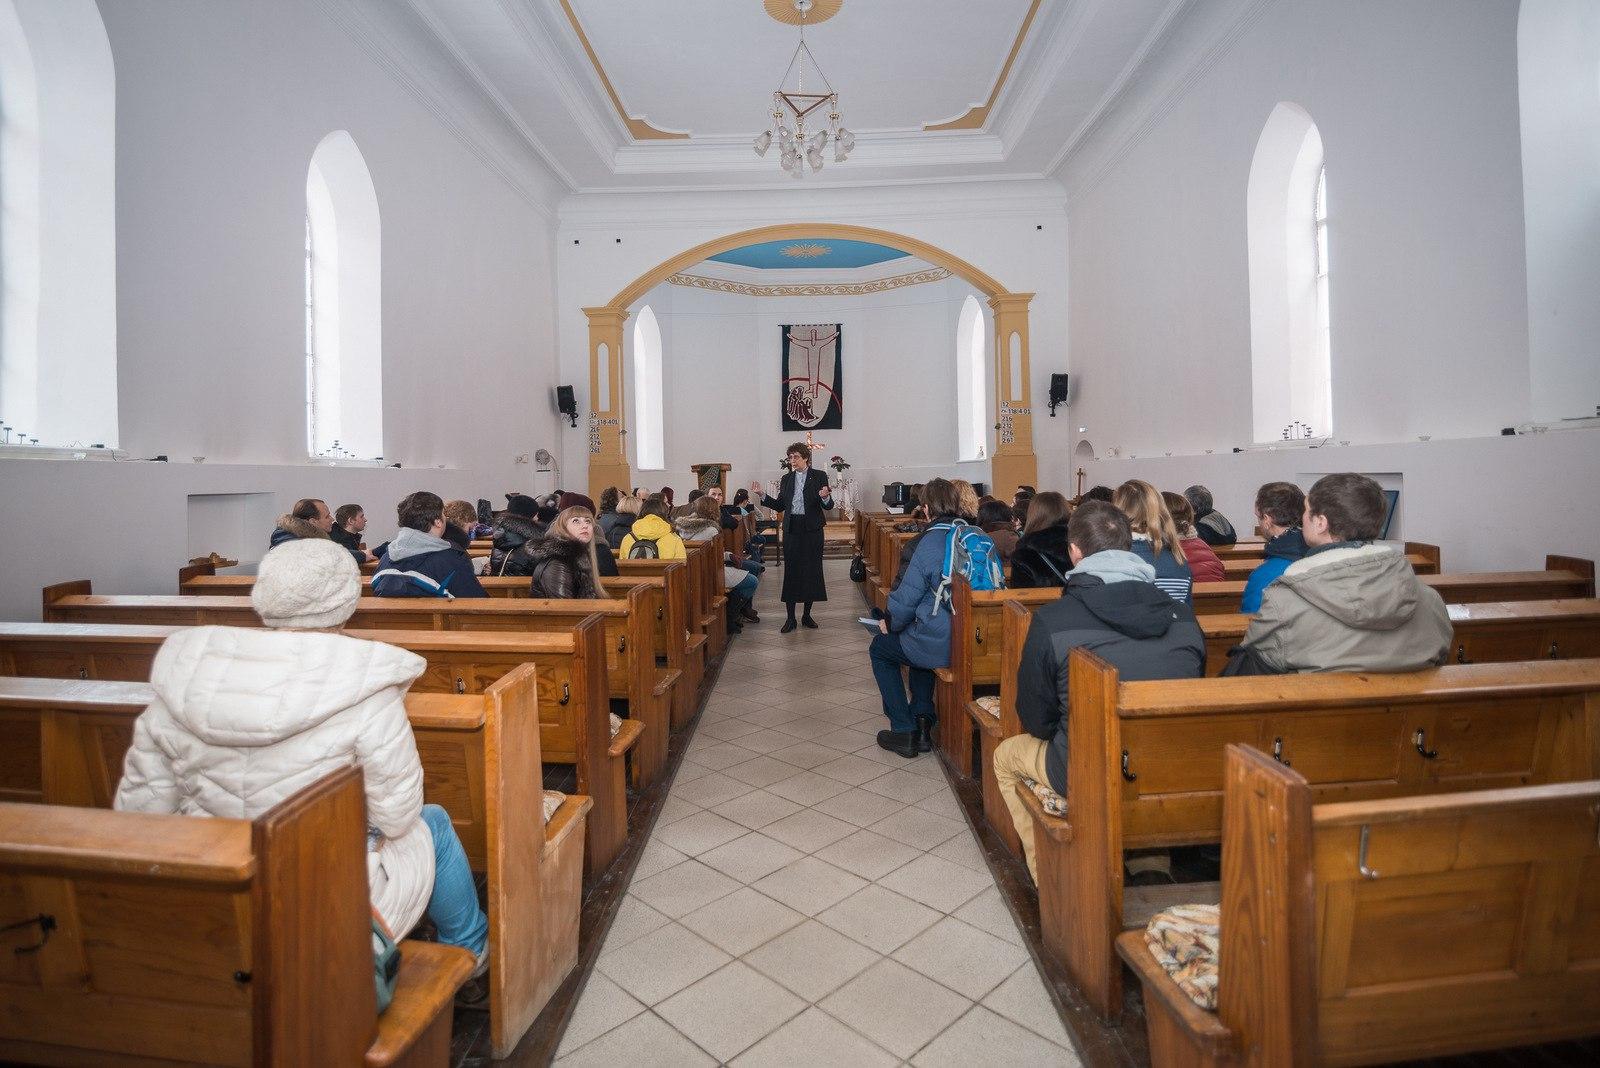 Лютеранская кирха (2)